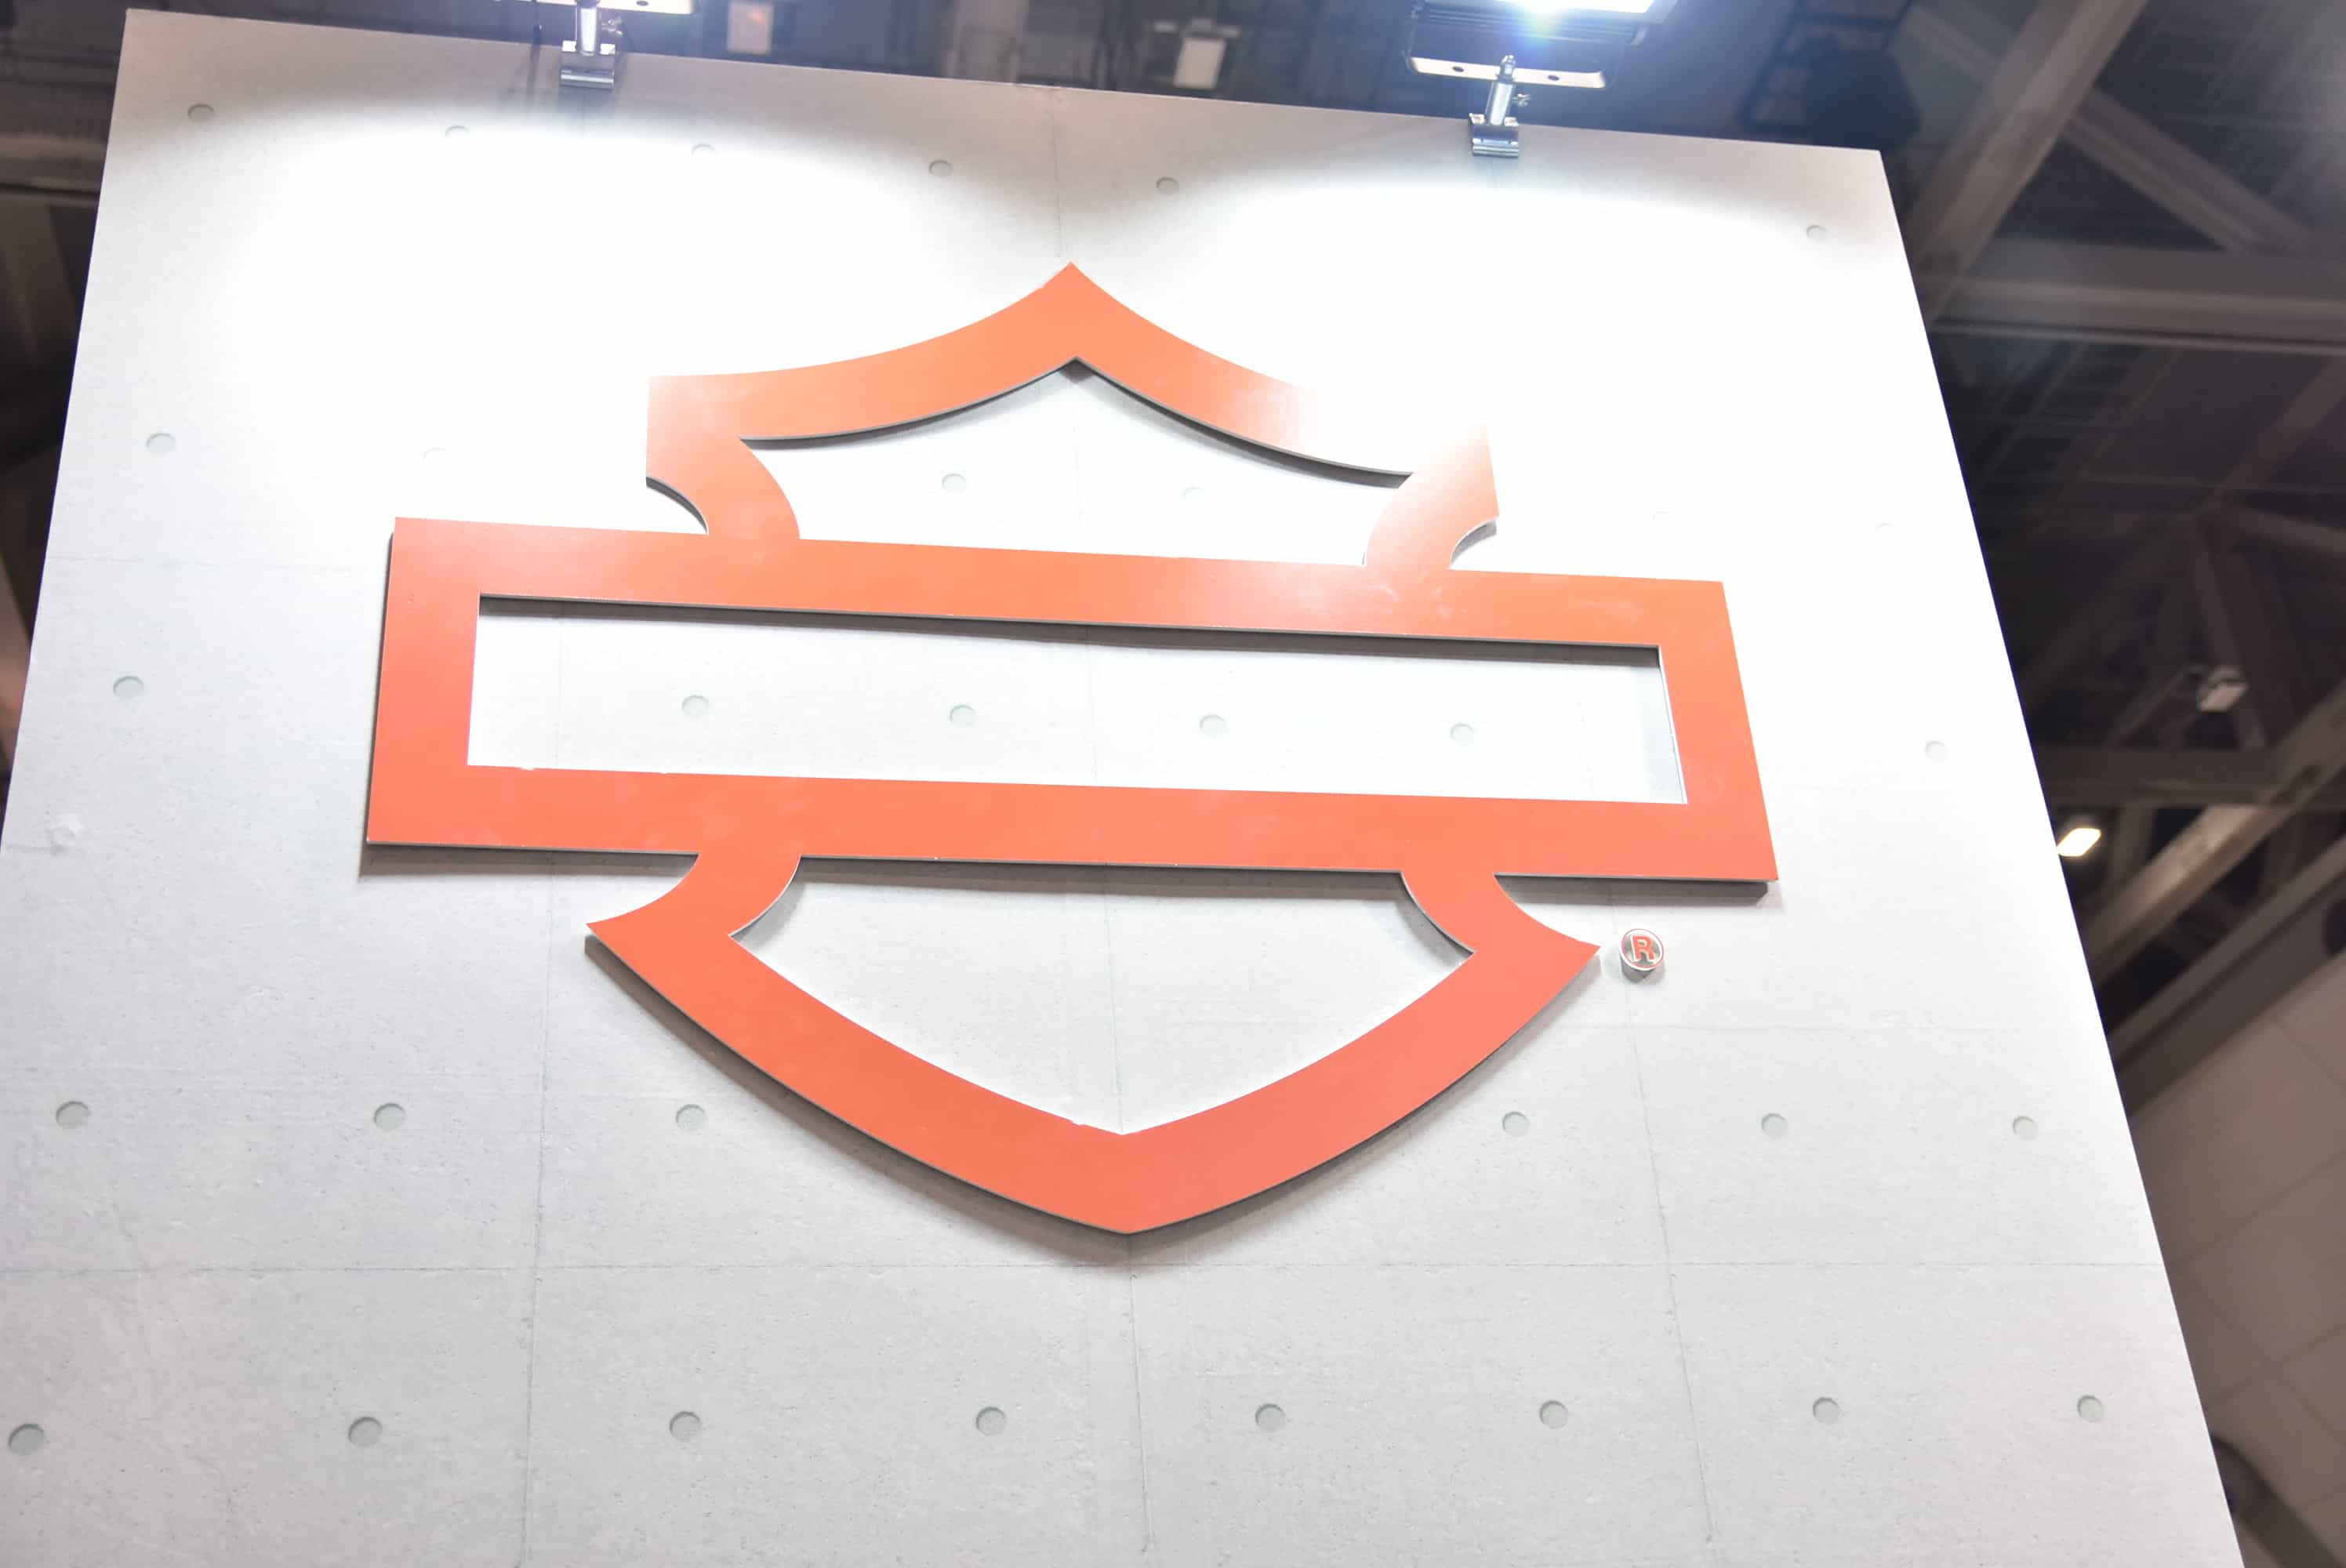 第46回東京モーターサイクルショー HARLEY-DAVIDSONブース